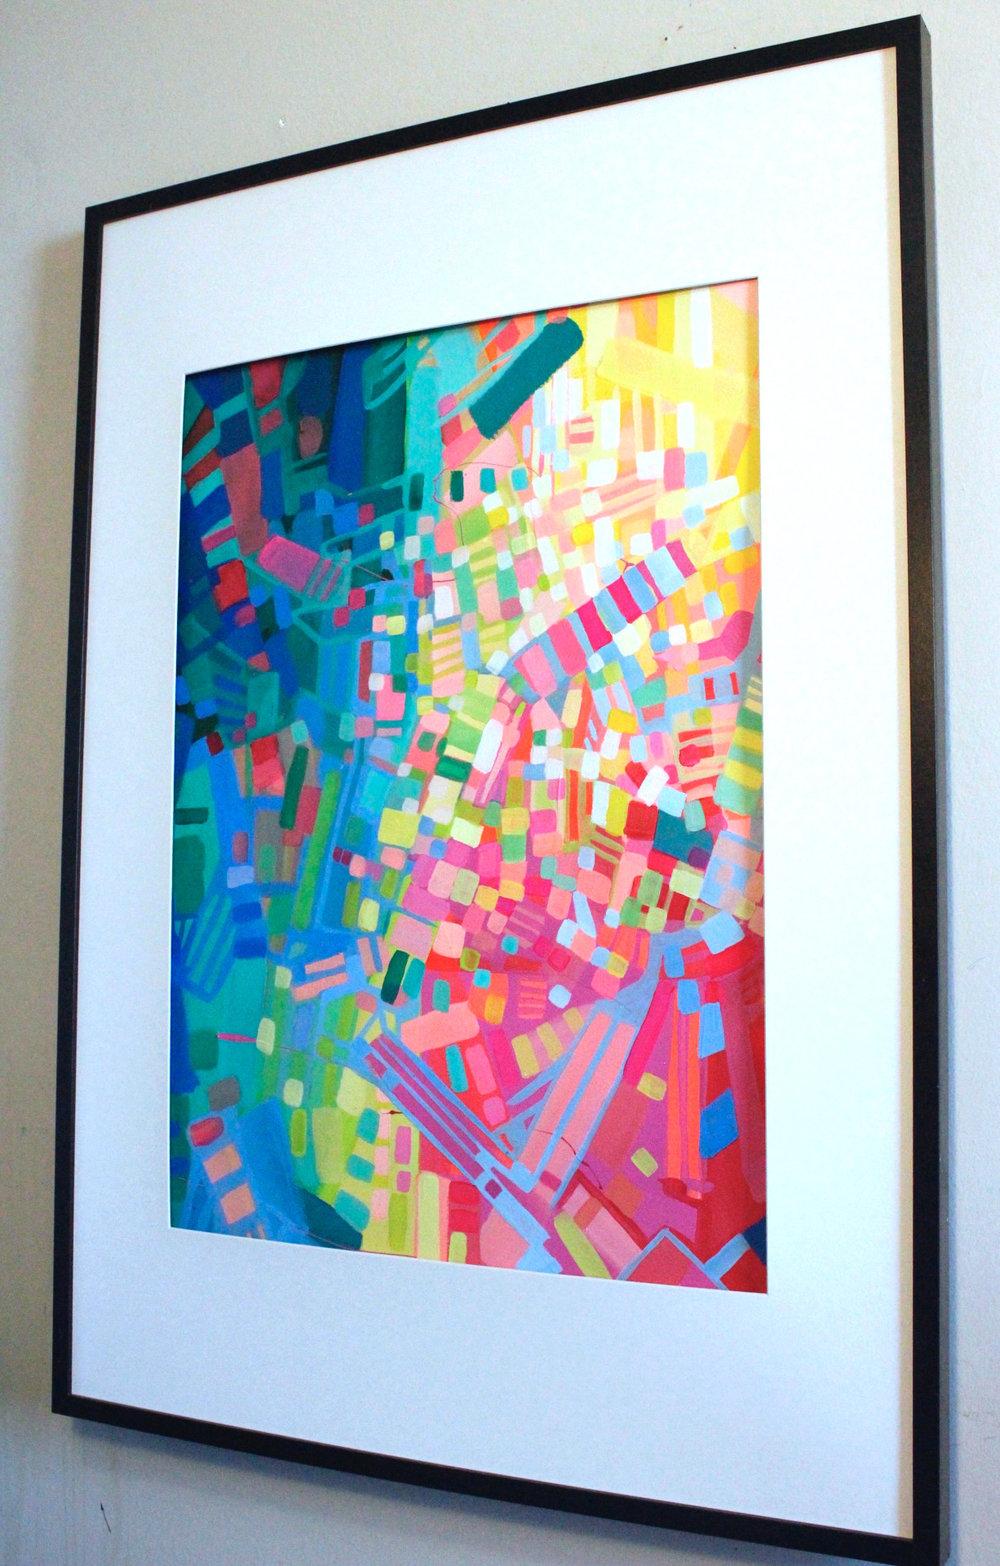 Alquimia, 2015. Print 24x36